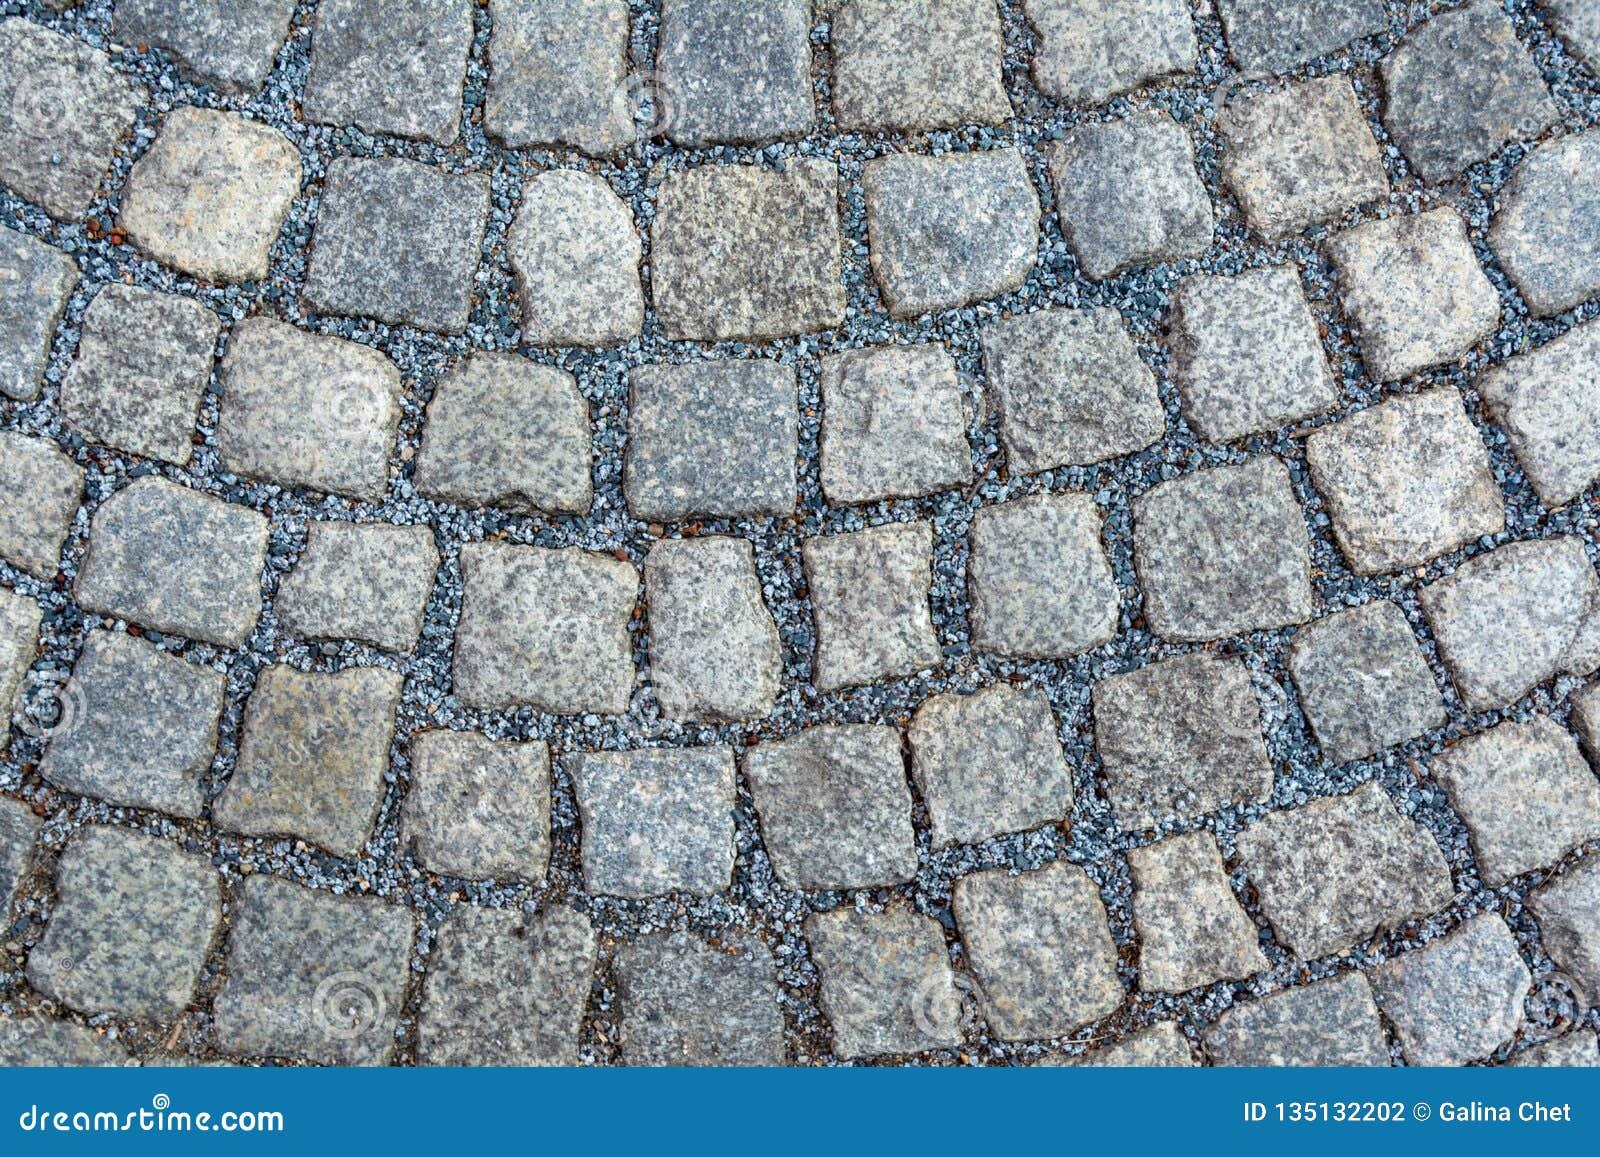 Bloques de piedra de una piedra grande puesta en un círculo